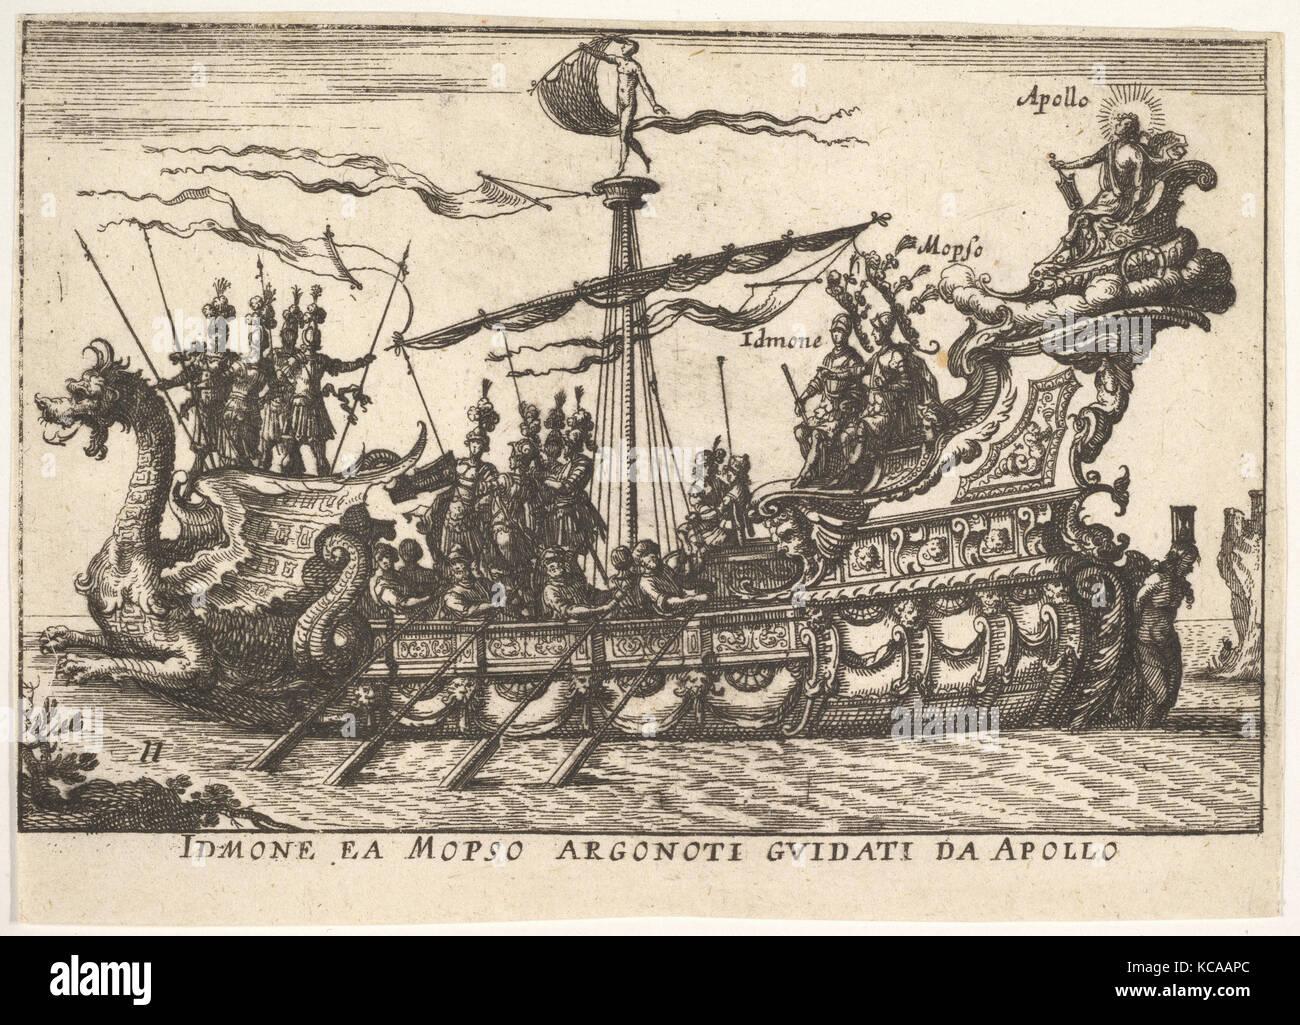 Platte11: idmon und mopsus geleitet von Apollo (idmone ea mopso argonoti guidati da Apollo), mit einem Heiligenschein Stockbild